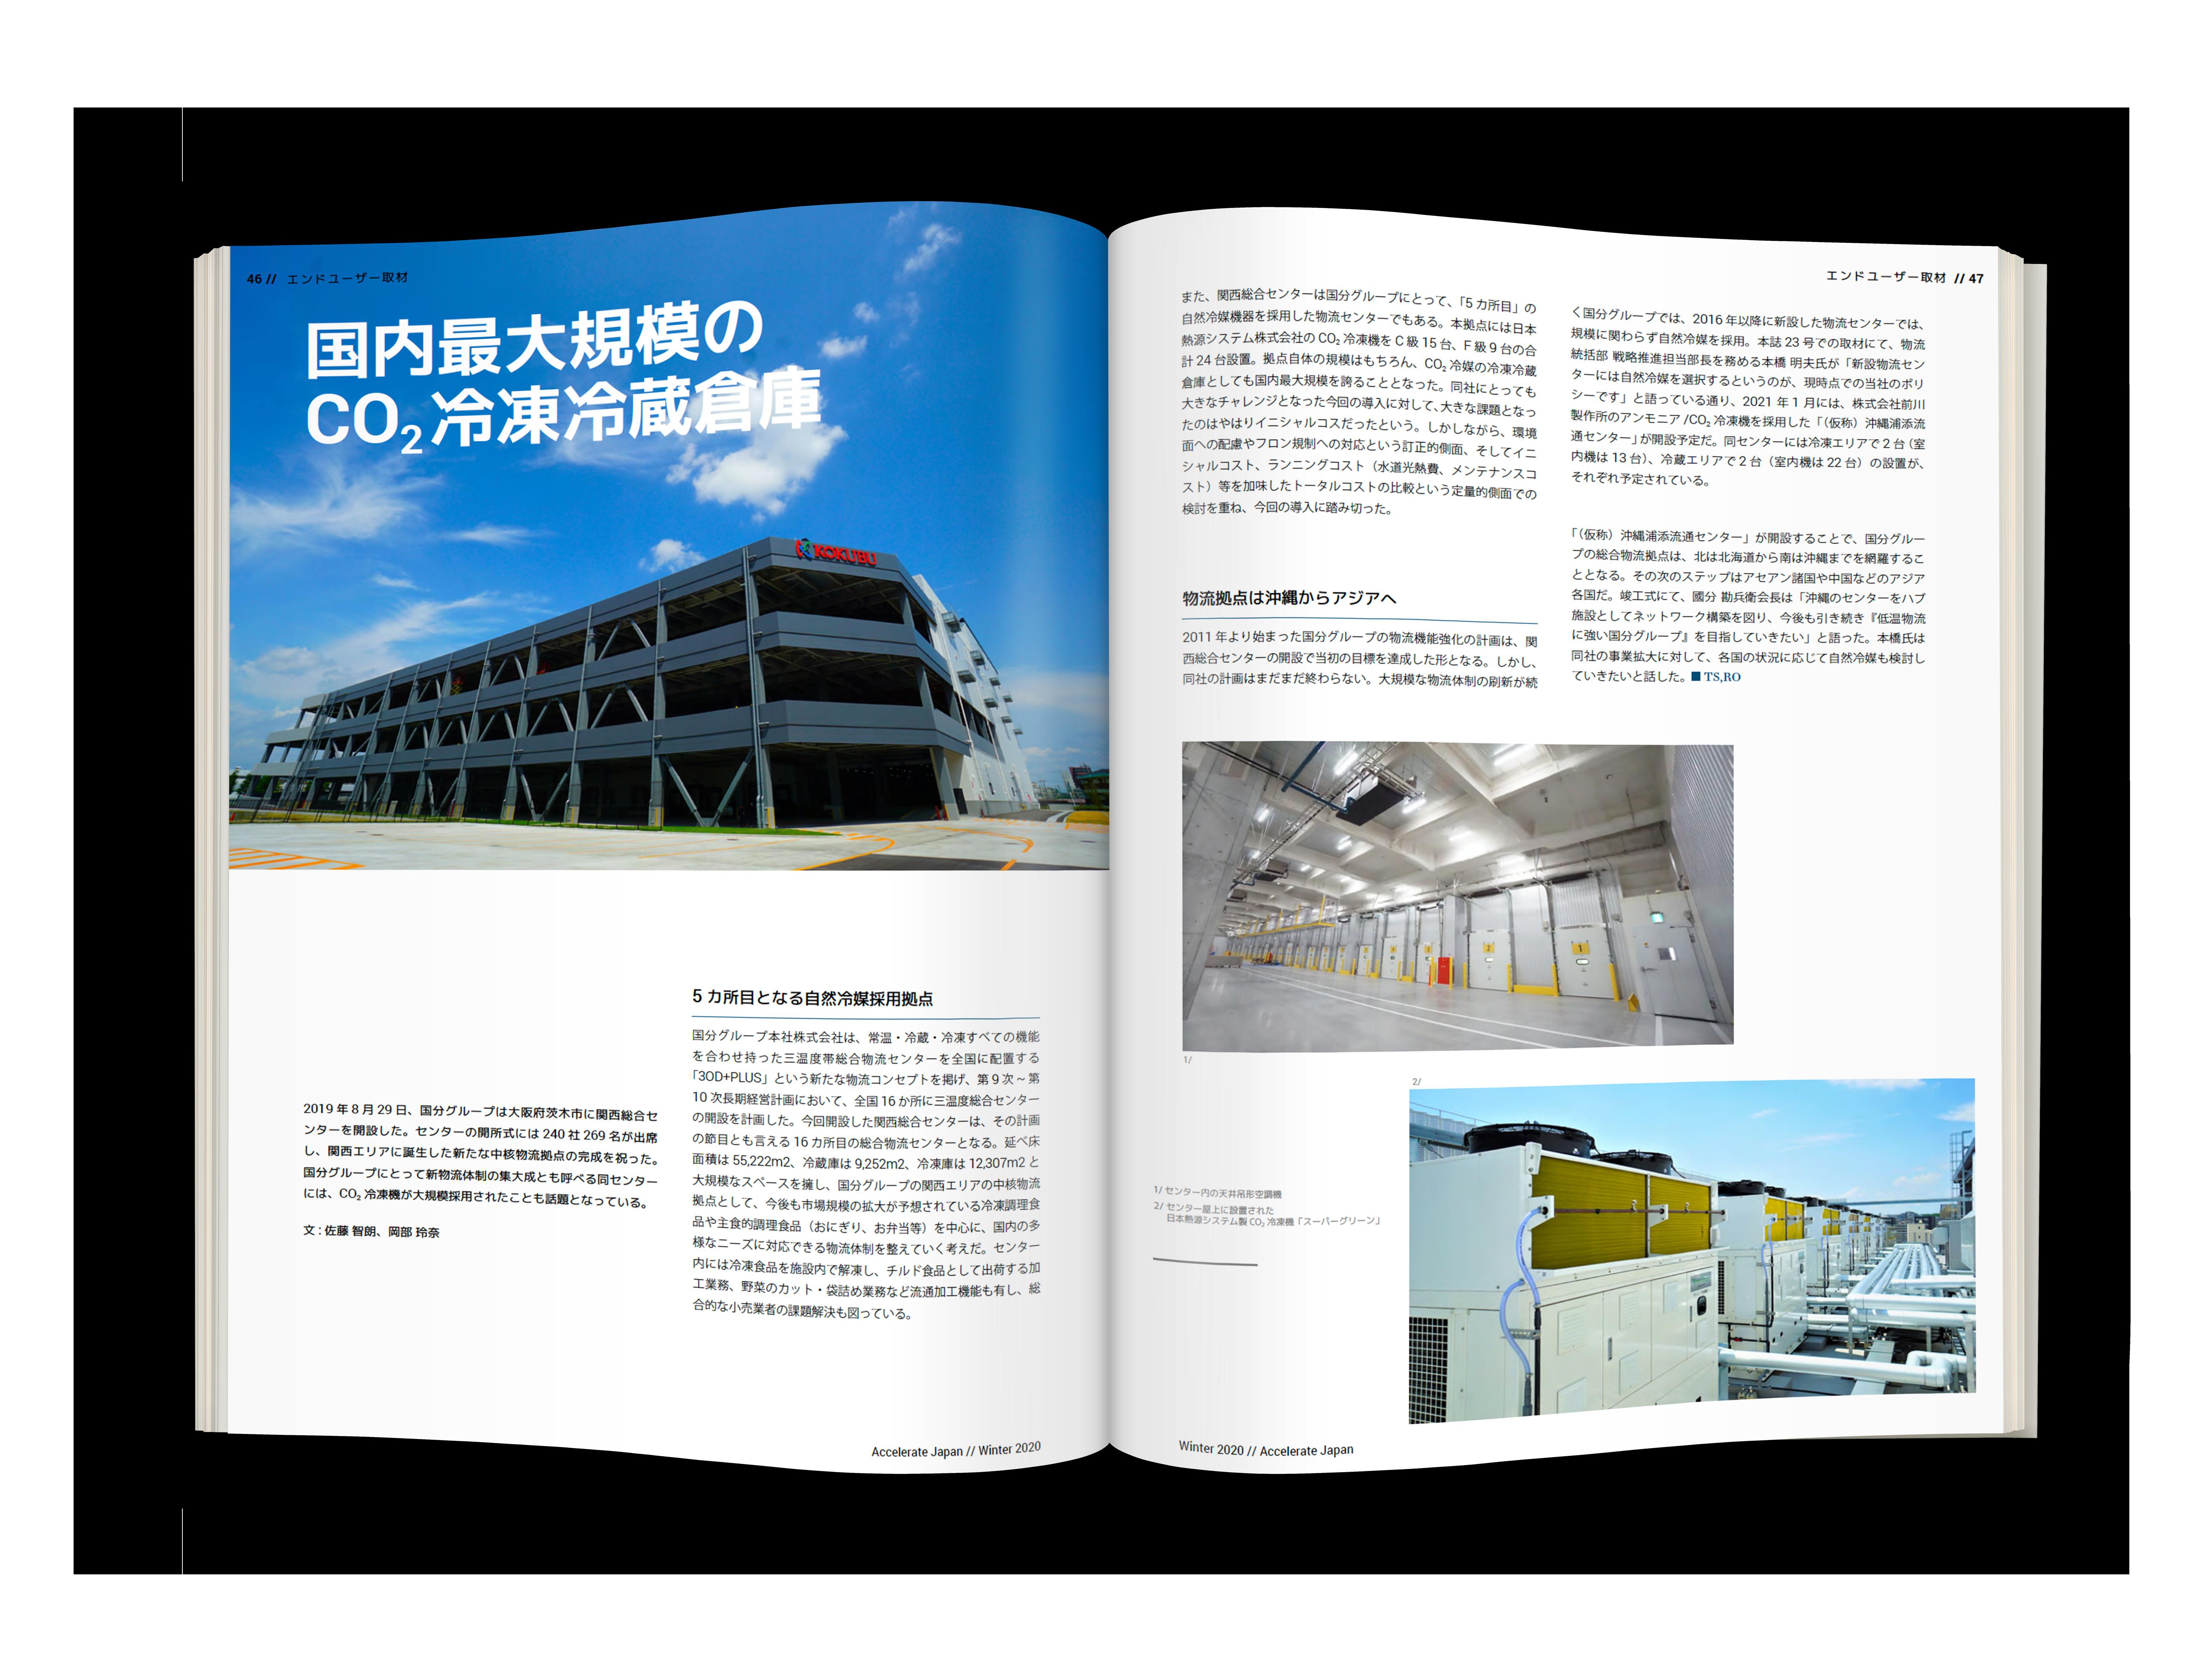 国内最大規模のCO2冷凍冷蔵倉庫